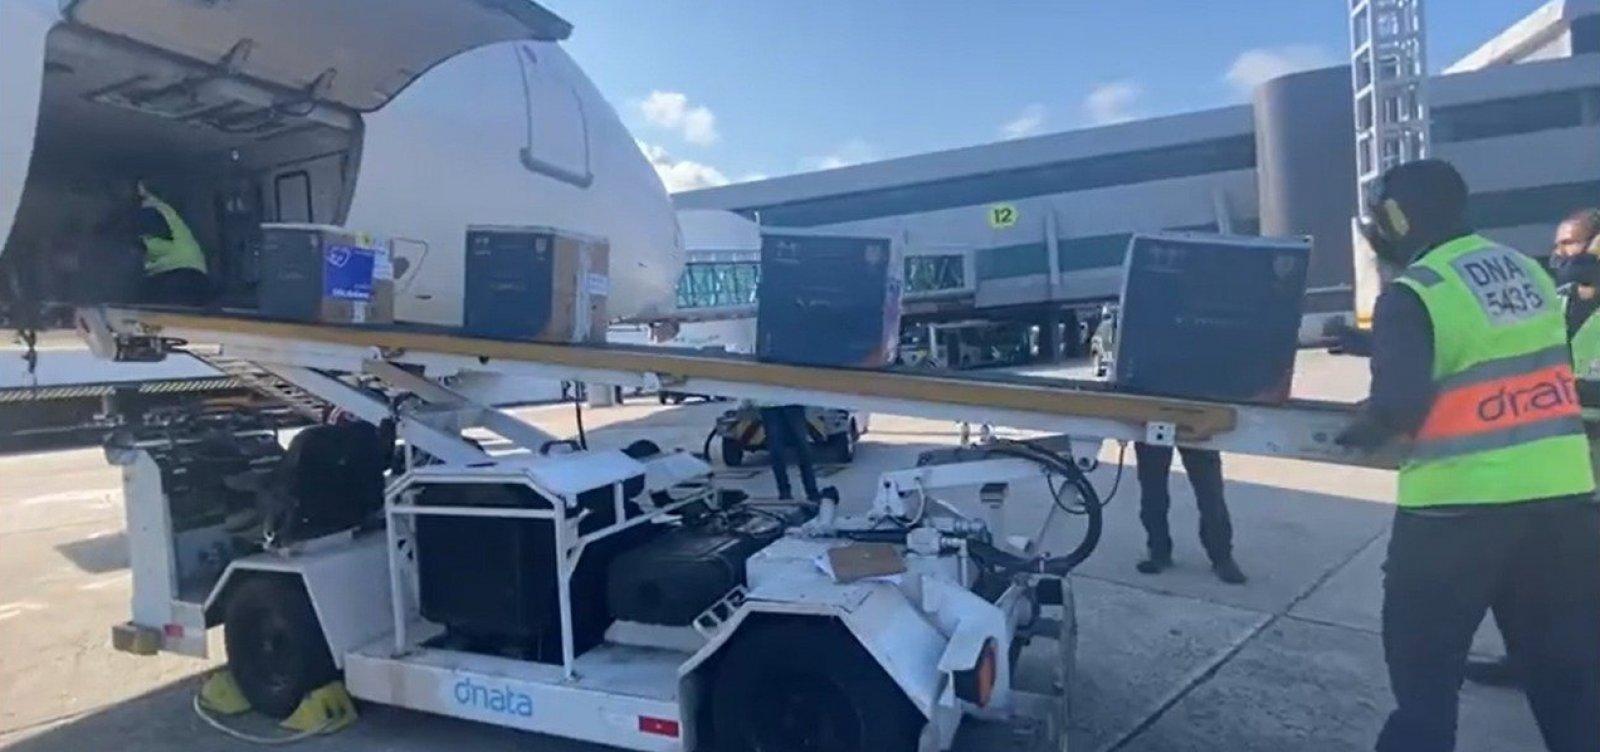 Nova remessa com 64 mil doses de vacina contra Covid-19 chega à Bahia